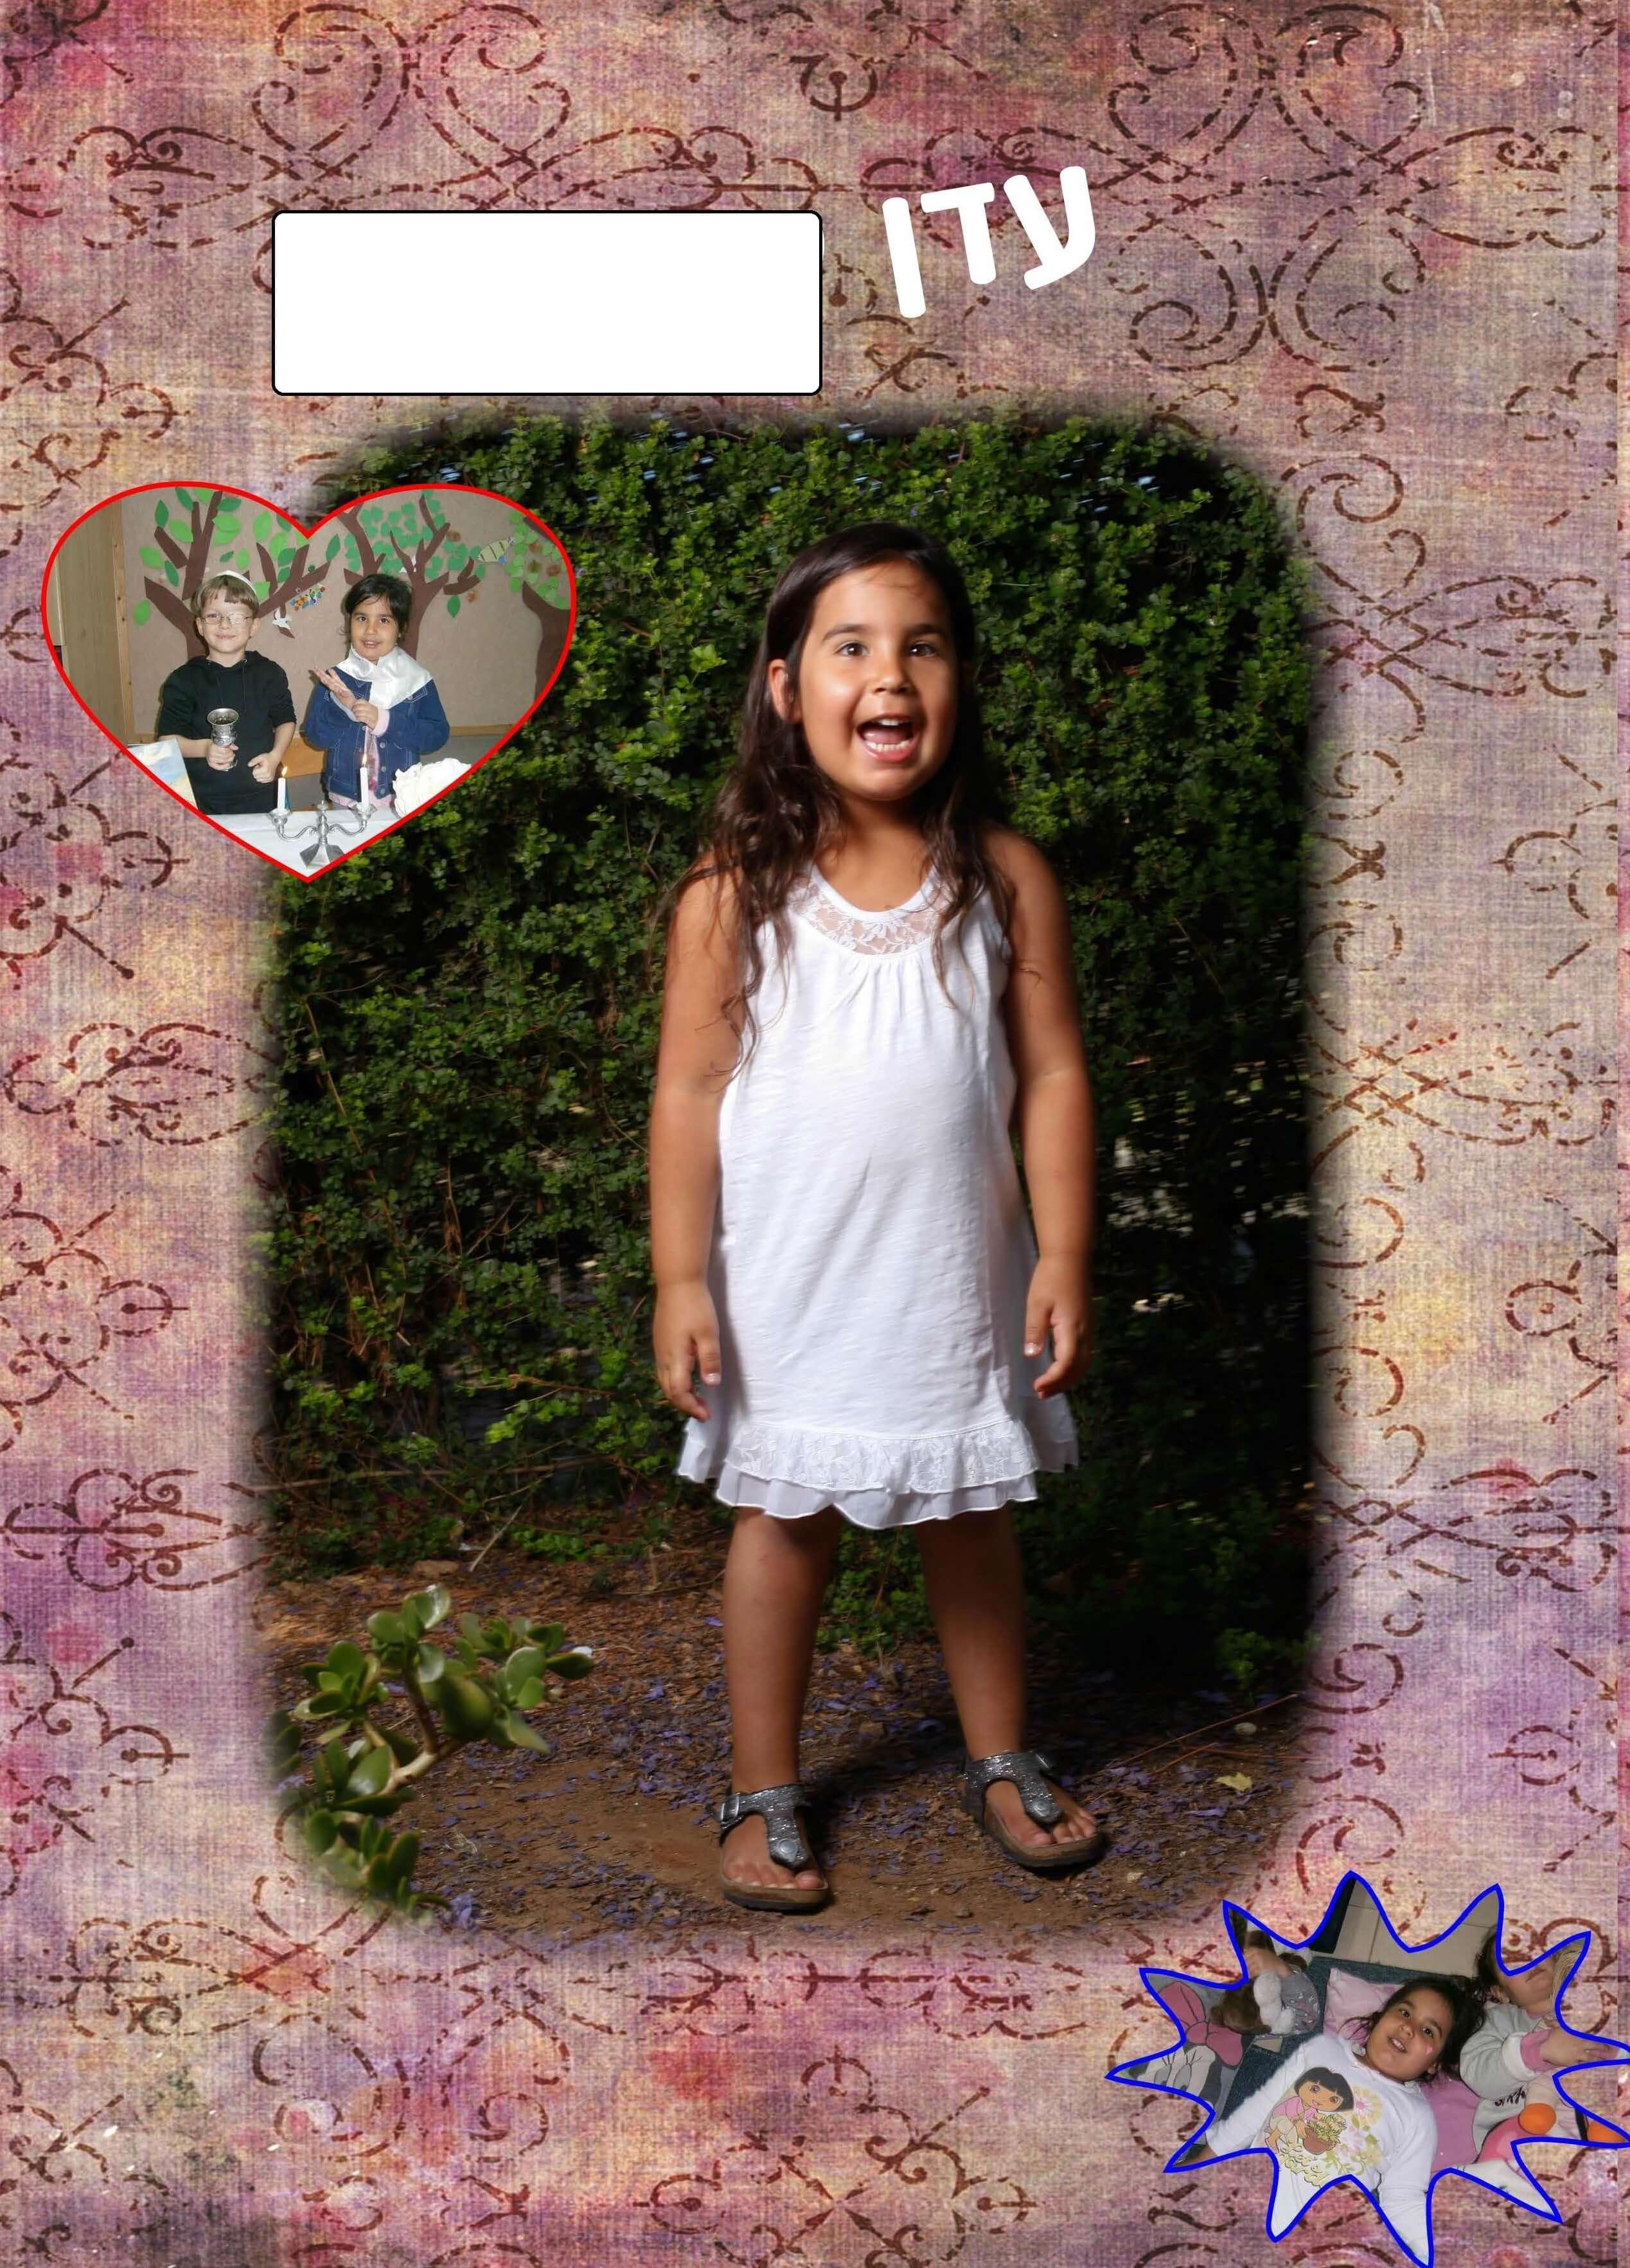 ספר המחזור של גן הילדים